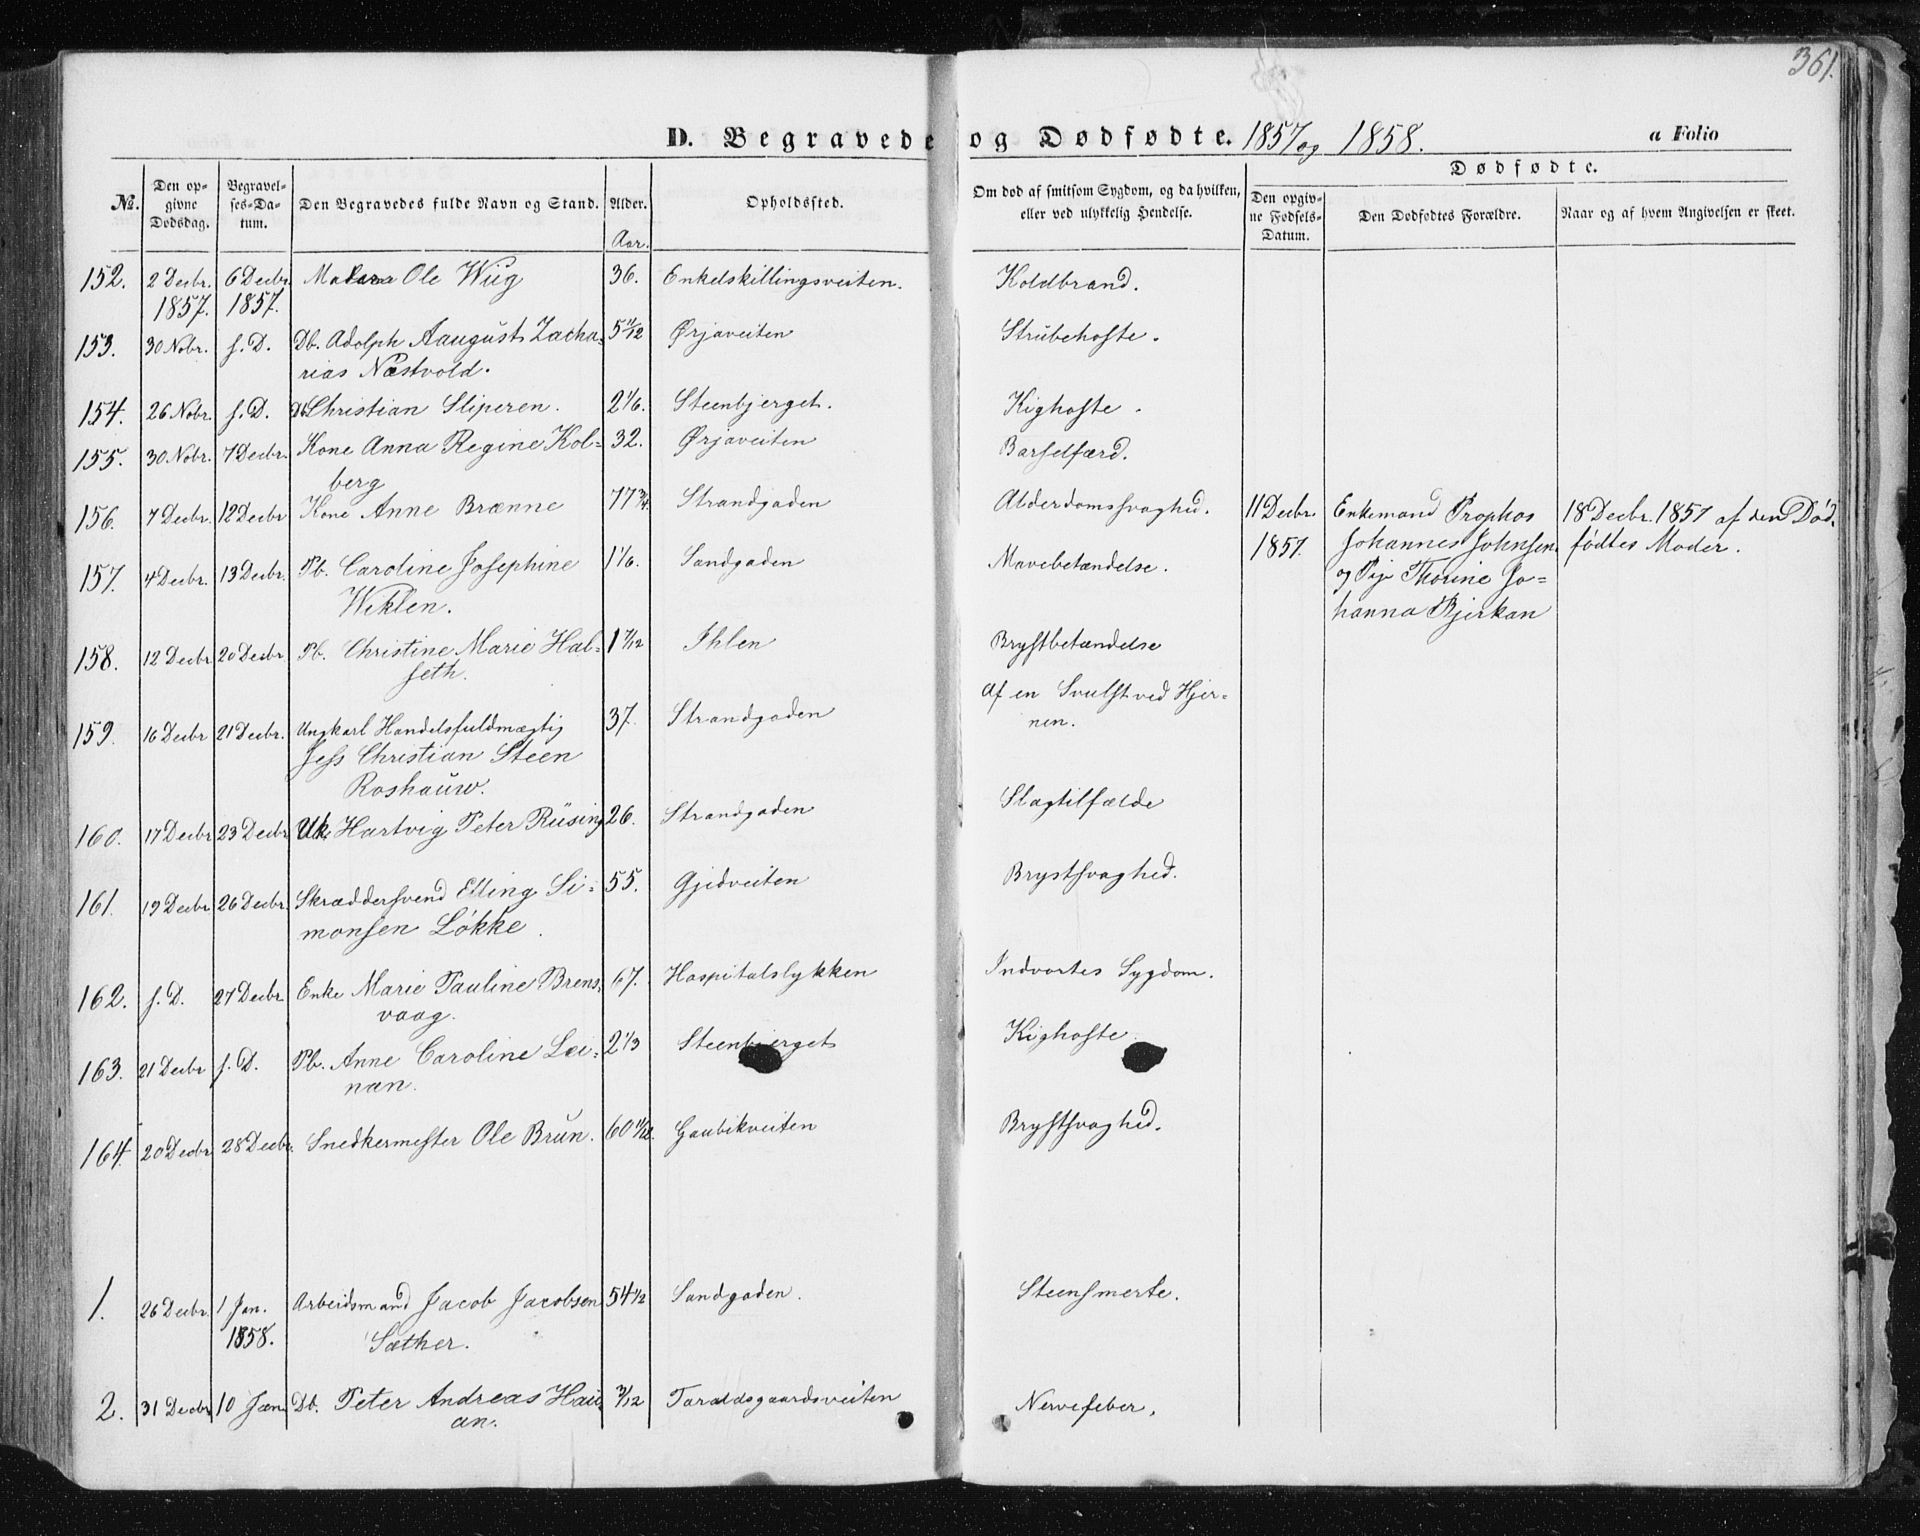 SAT, Ministerialprotokoller, klokkerbøker og fødselsregistre - Sør-Trøndelag, 602/L0112: Ministerialbok nr. 602A10, 1848-1859, s. 361